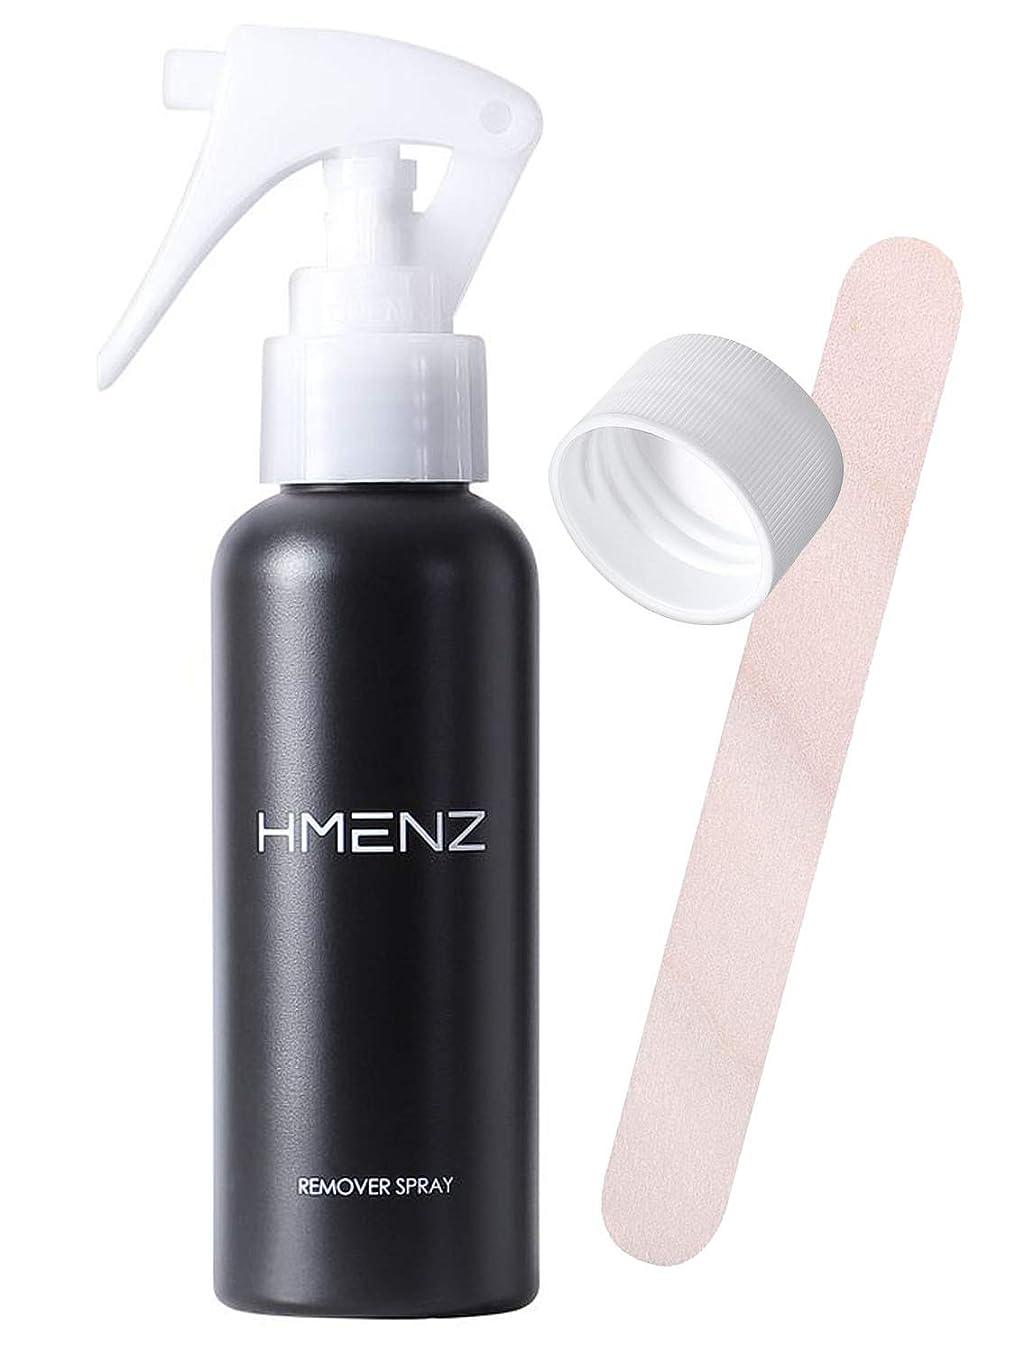 病院どうやって脇に医薬部外品 除毛クリーム 男性 用 HMENZ メンズ 除毛 スプレー ヘラ 付き 100g 「 たっぷり 保湿 デリケート 敏感肌 でも使える じょもうクリーム 」「 ワキ 腕 脚 用 除毛剤 臭い大幅カット 」